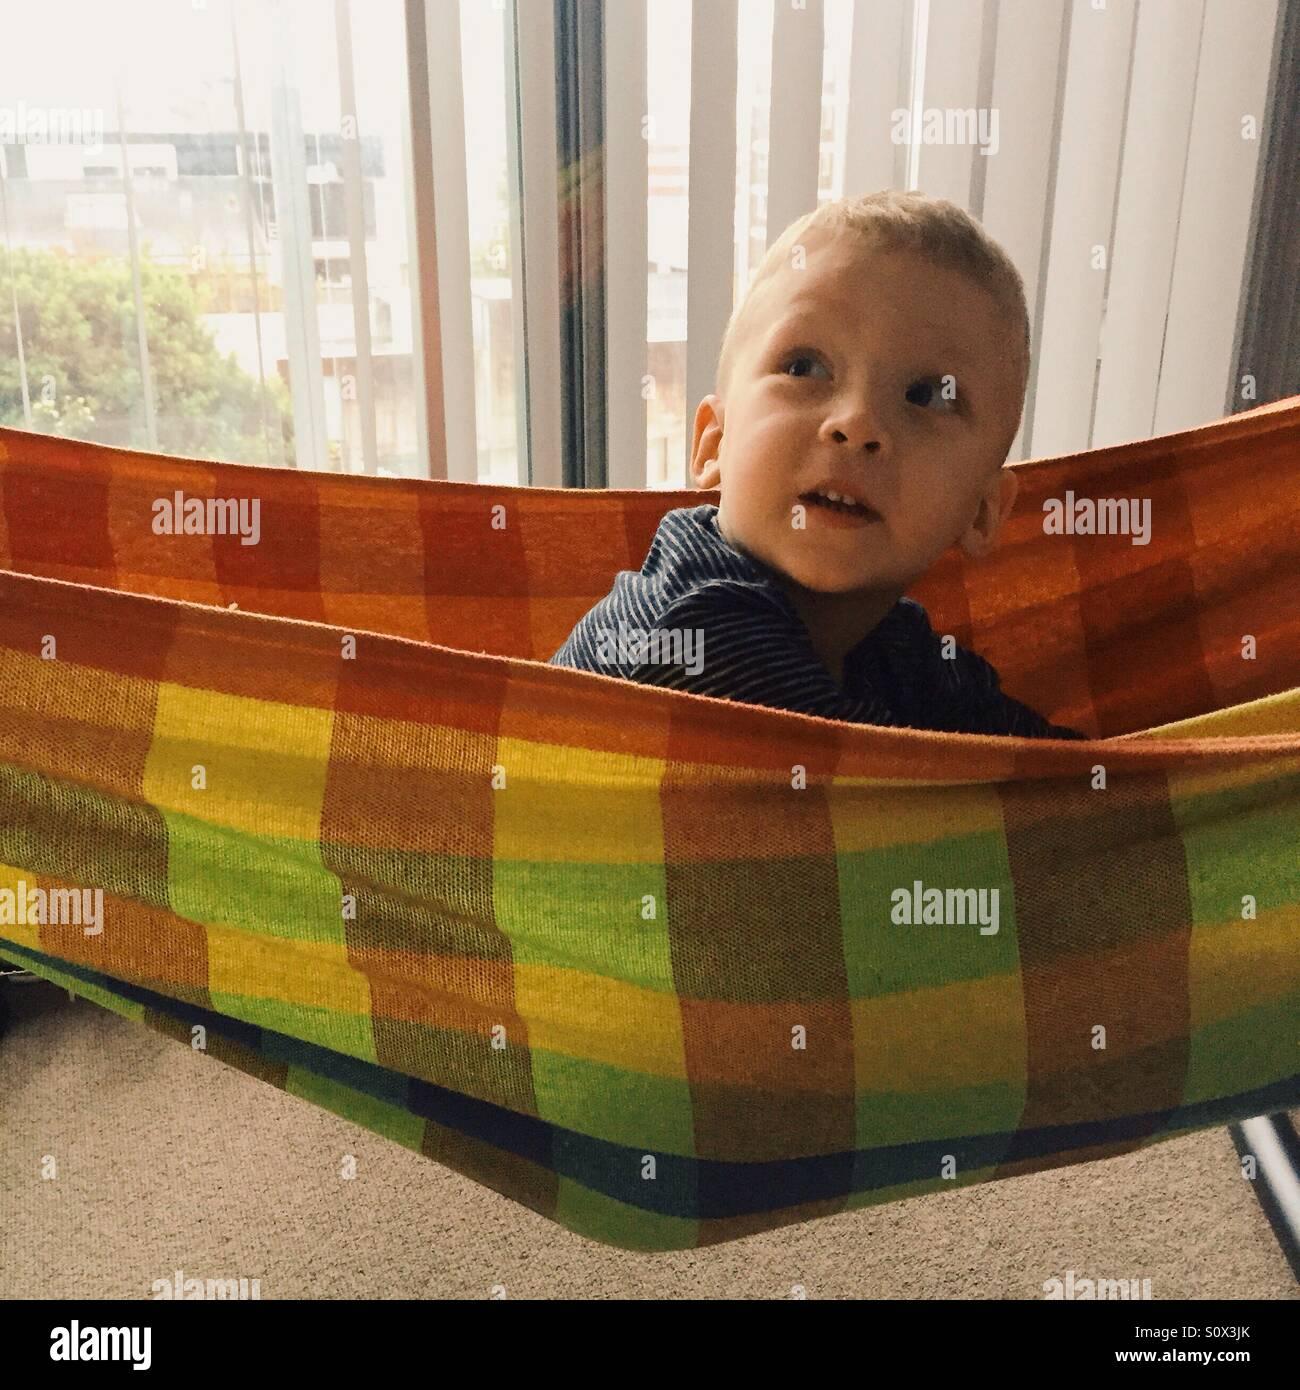 Kleiner Junge in Hängematte Stockbild